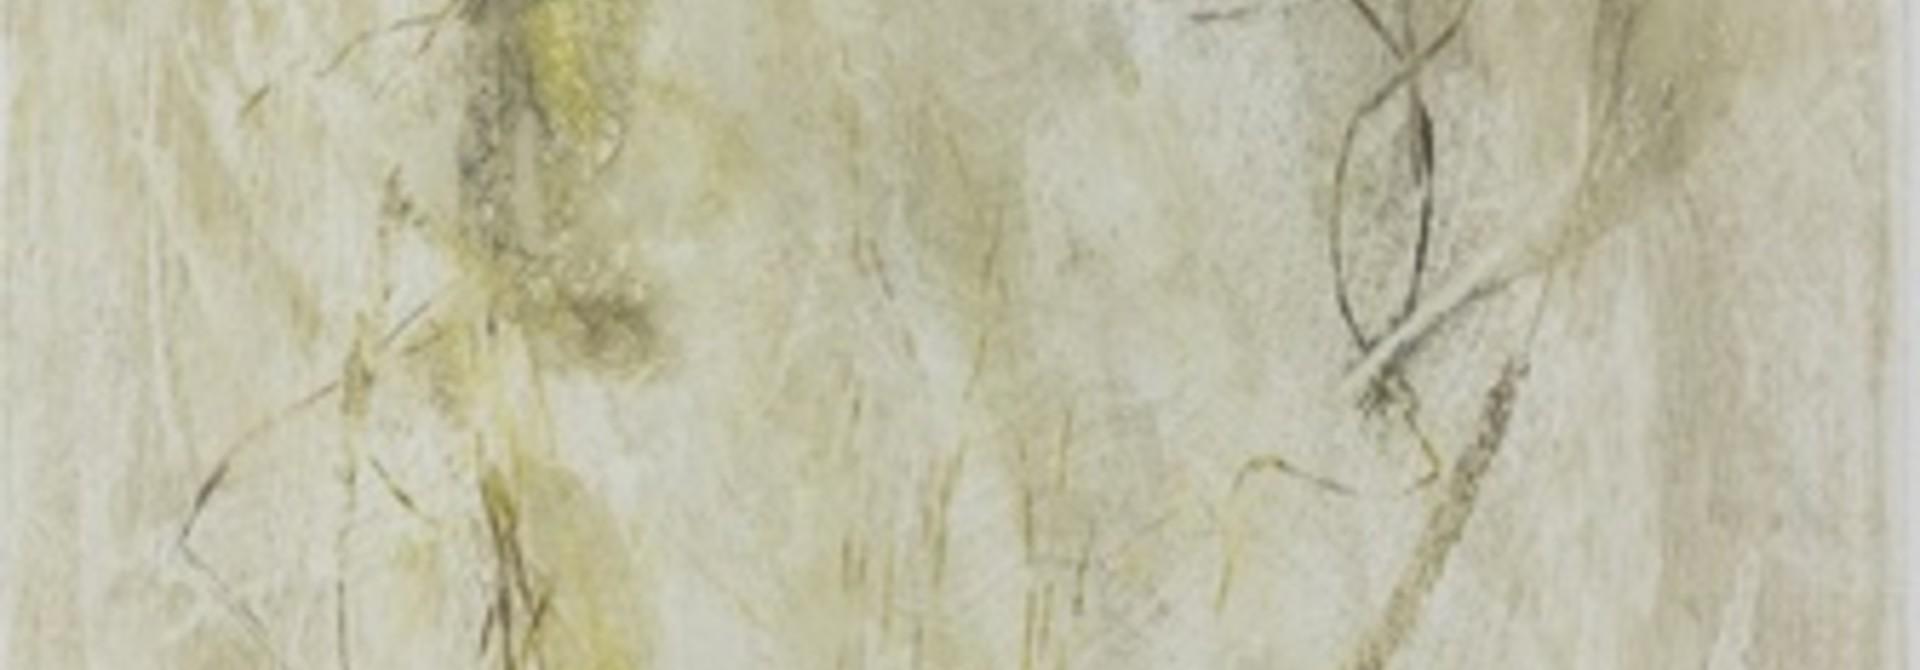 Koleria macrantha